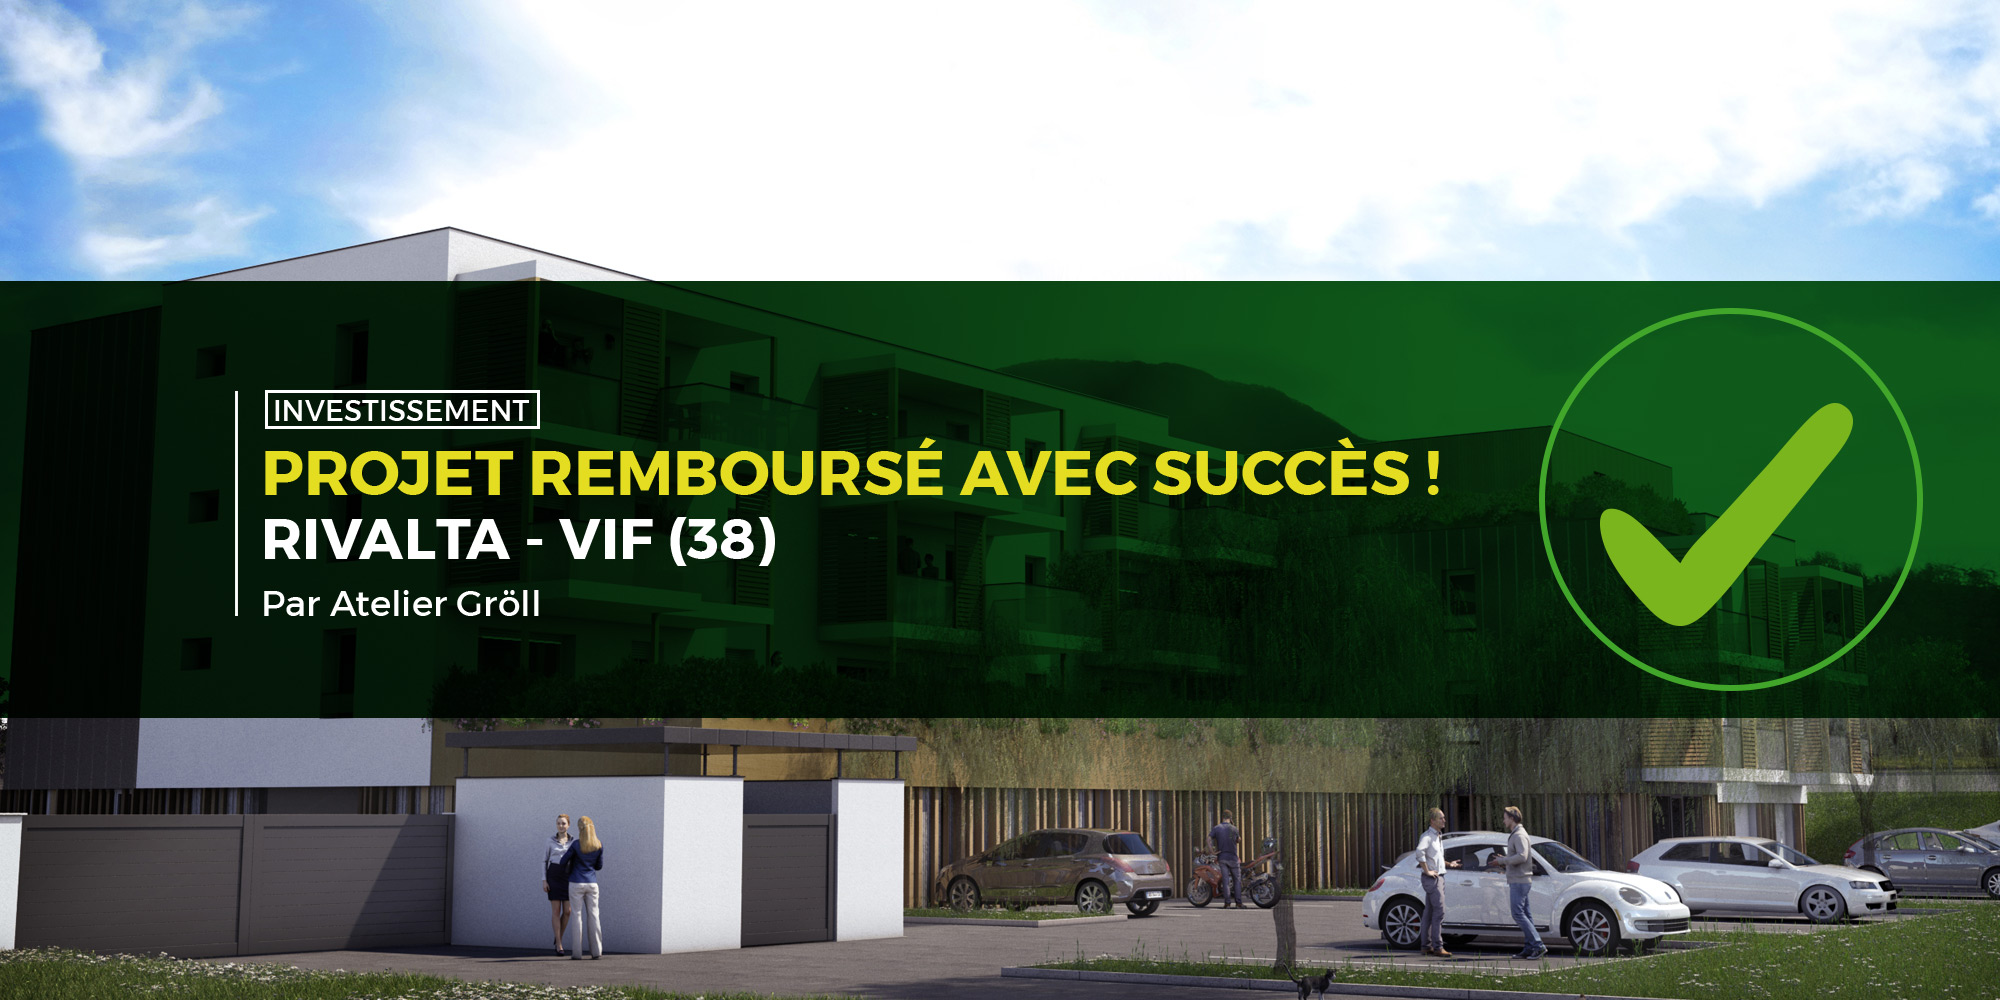 Rivalta, 11e projet immobilier remboursé avec succès par Monego !